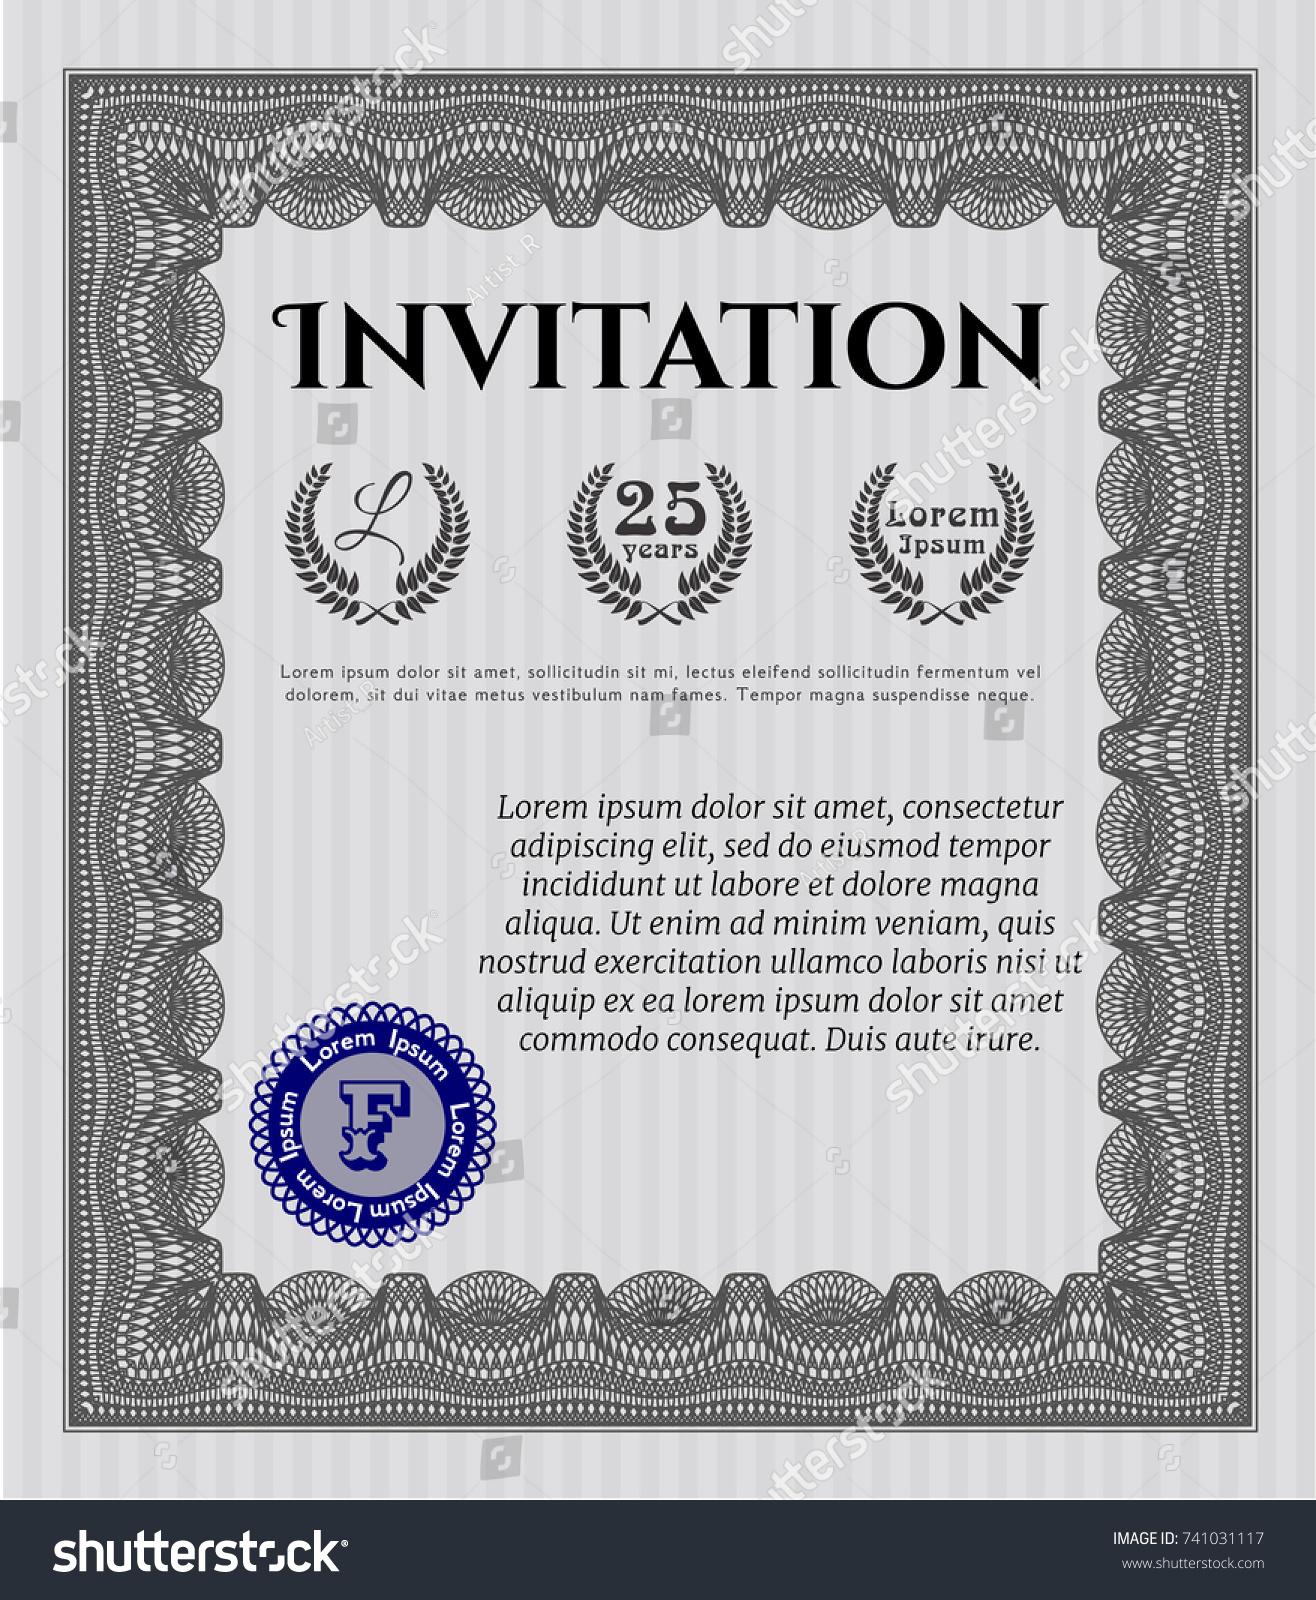 posh invitation template